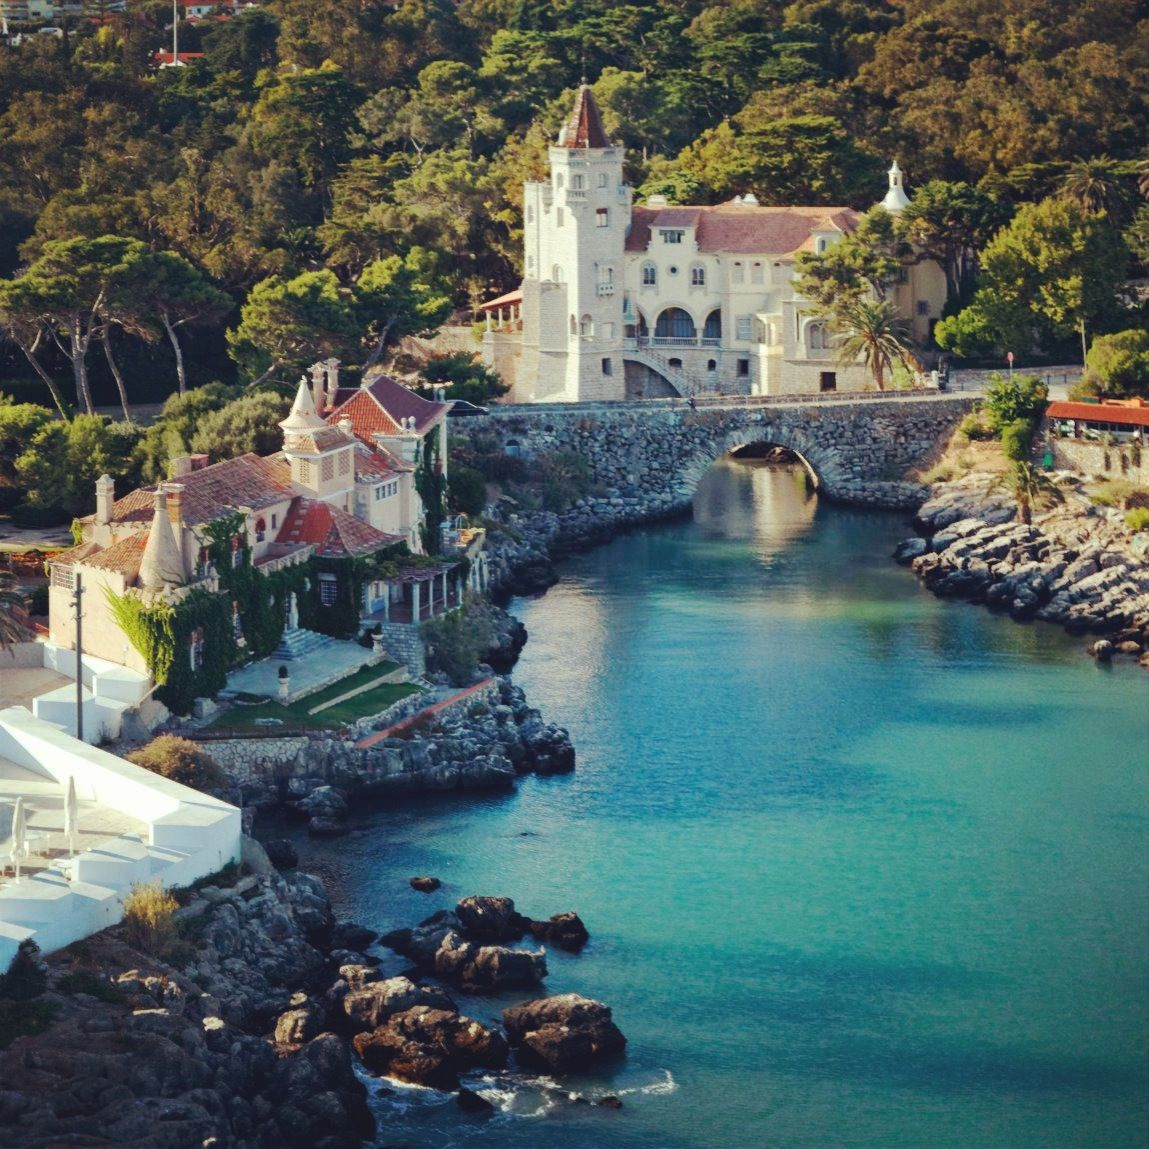 vacances au portugal Un peu plus loin: Cascais, Portugal (30-40 min de train; 1,80u20ac le trajet)